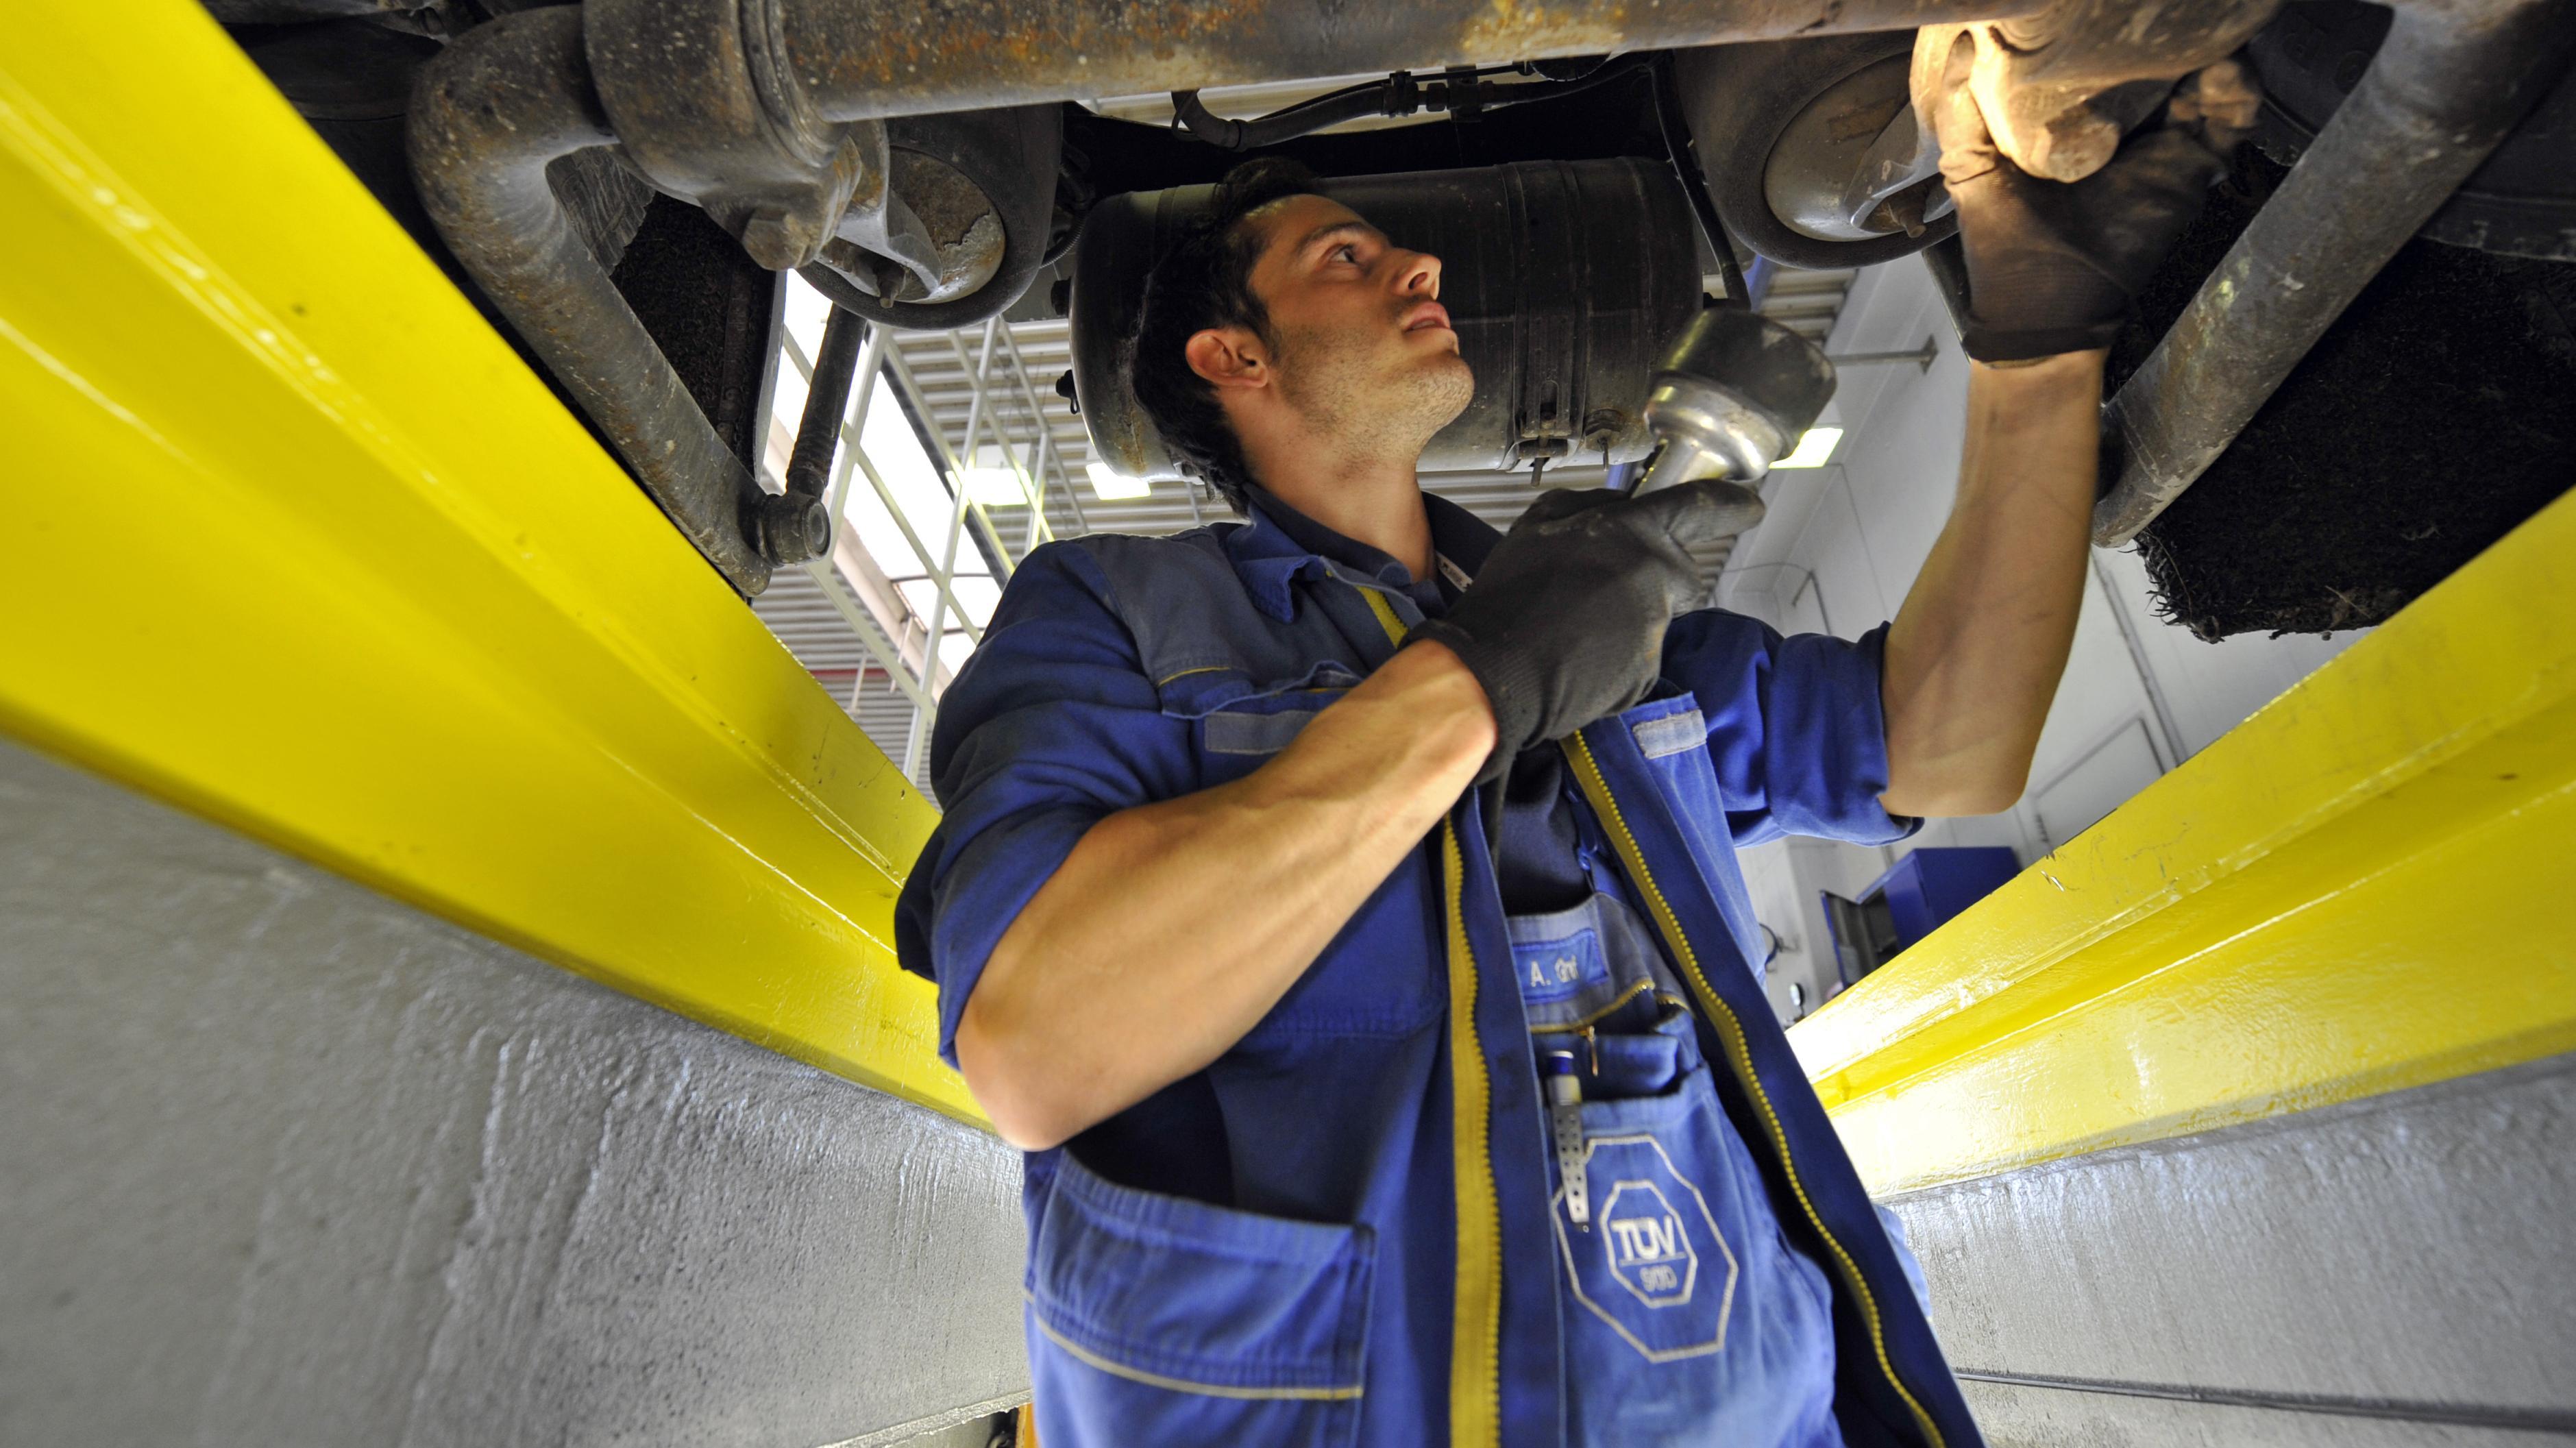 Ein TÜV-Mitarbeiter im Blaumann untersucht den Unterboden eines Autos (Symbolbild).